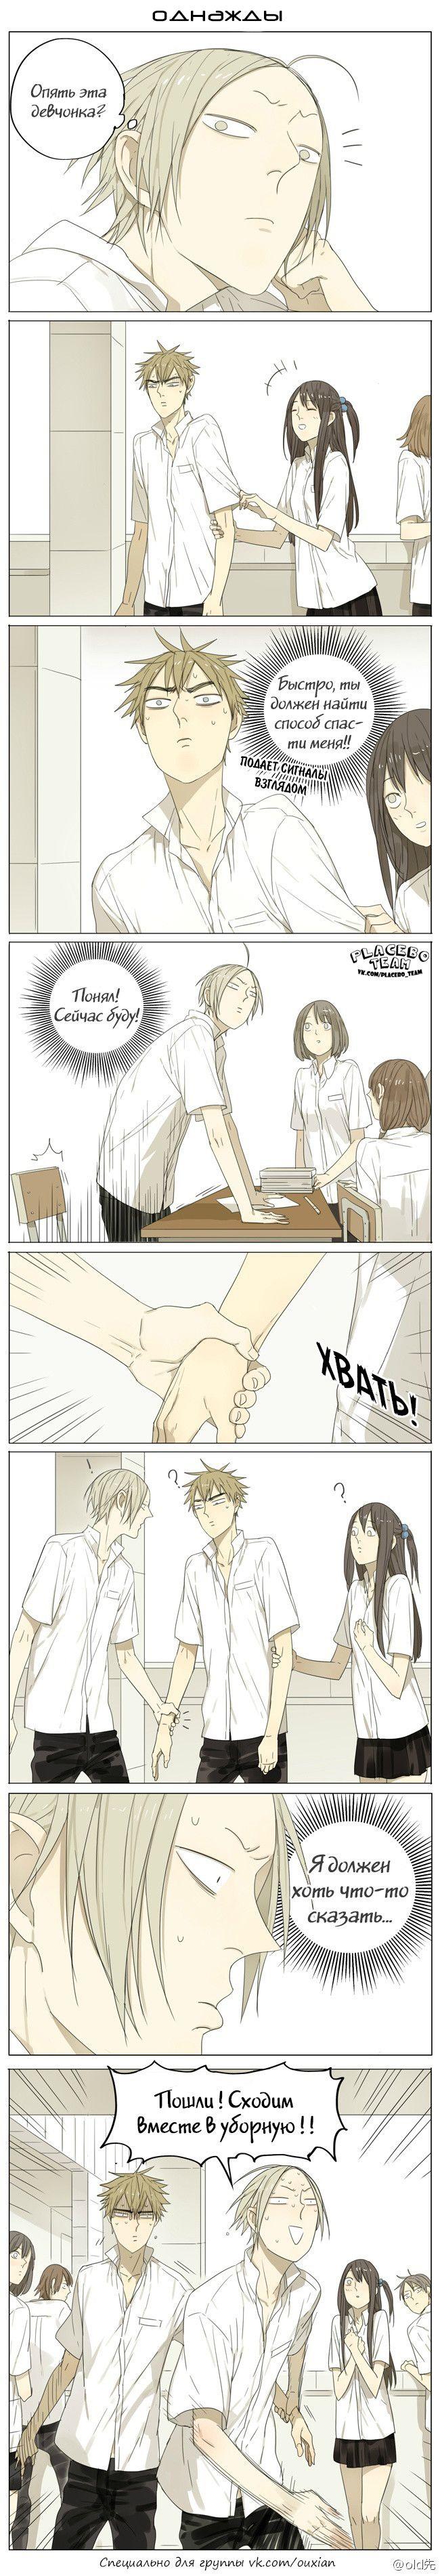 Чтение манги 19 Дней - Однажды 1 - 17 Однажды в средней школе. - самые свежие переводы. Read manga online! - ReadManga.me